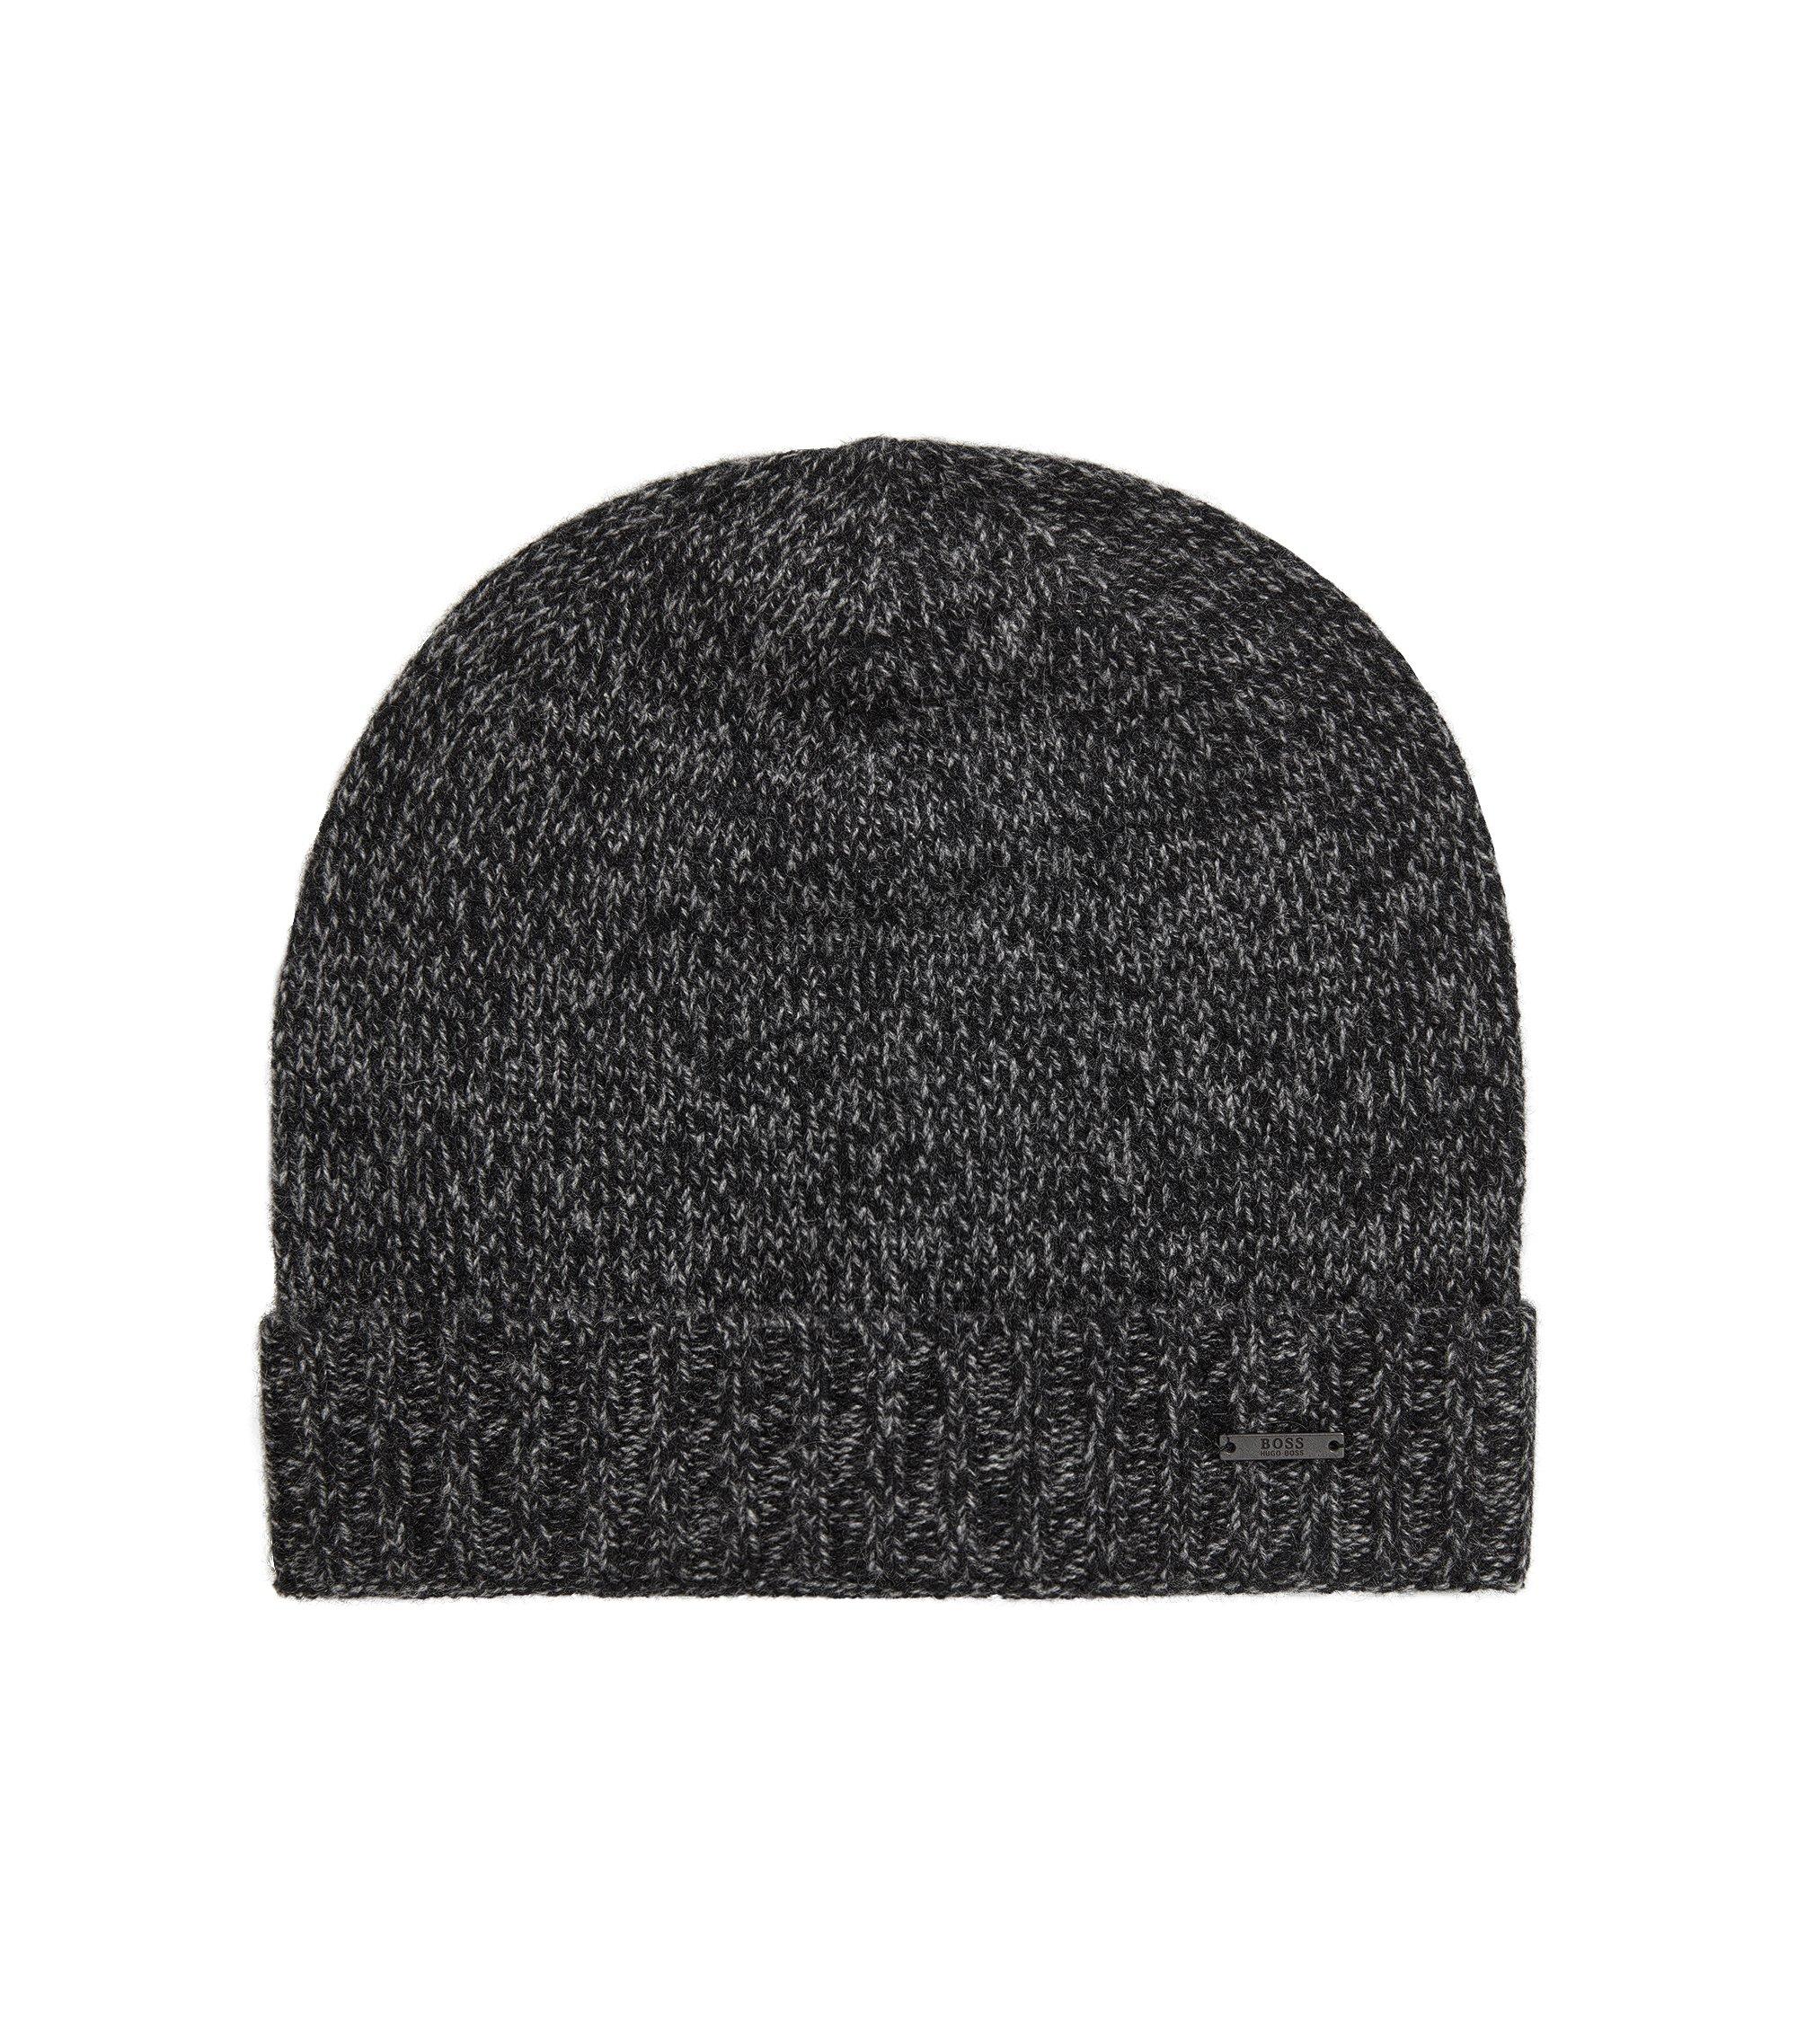 Beanie hat in mouliné cashmere, Black